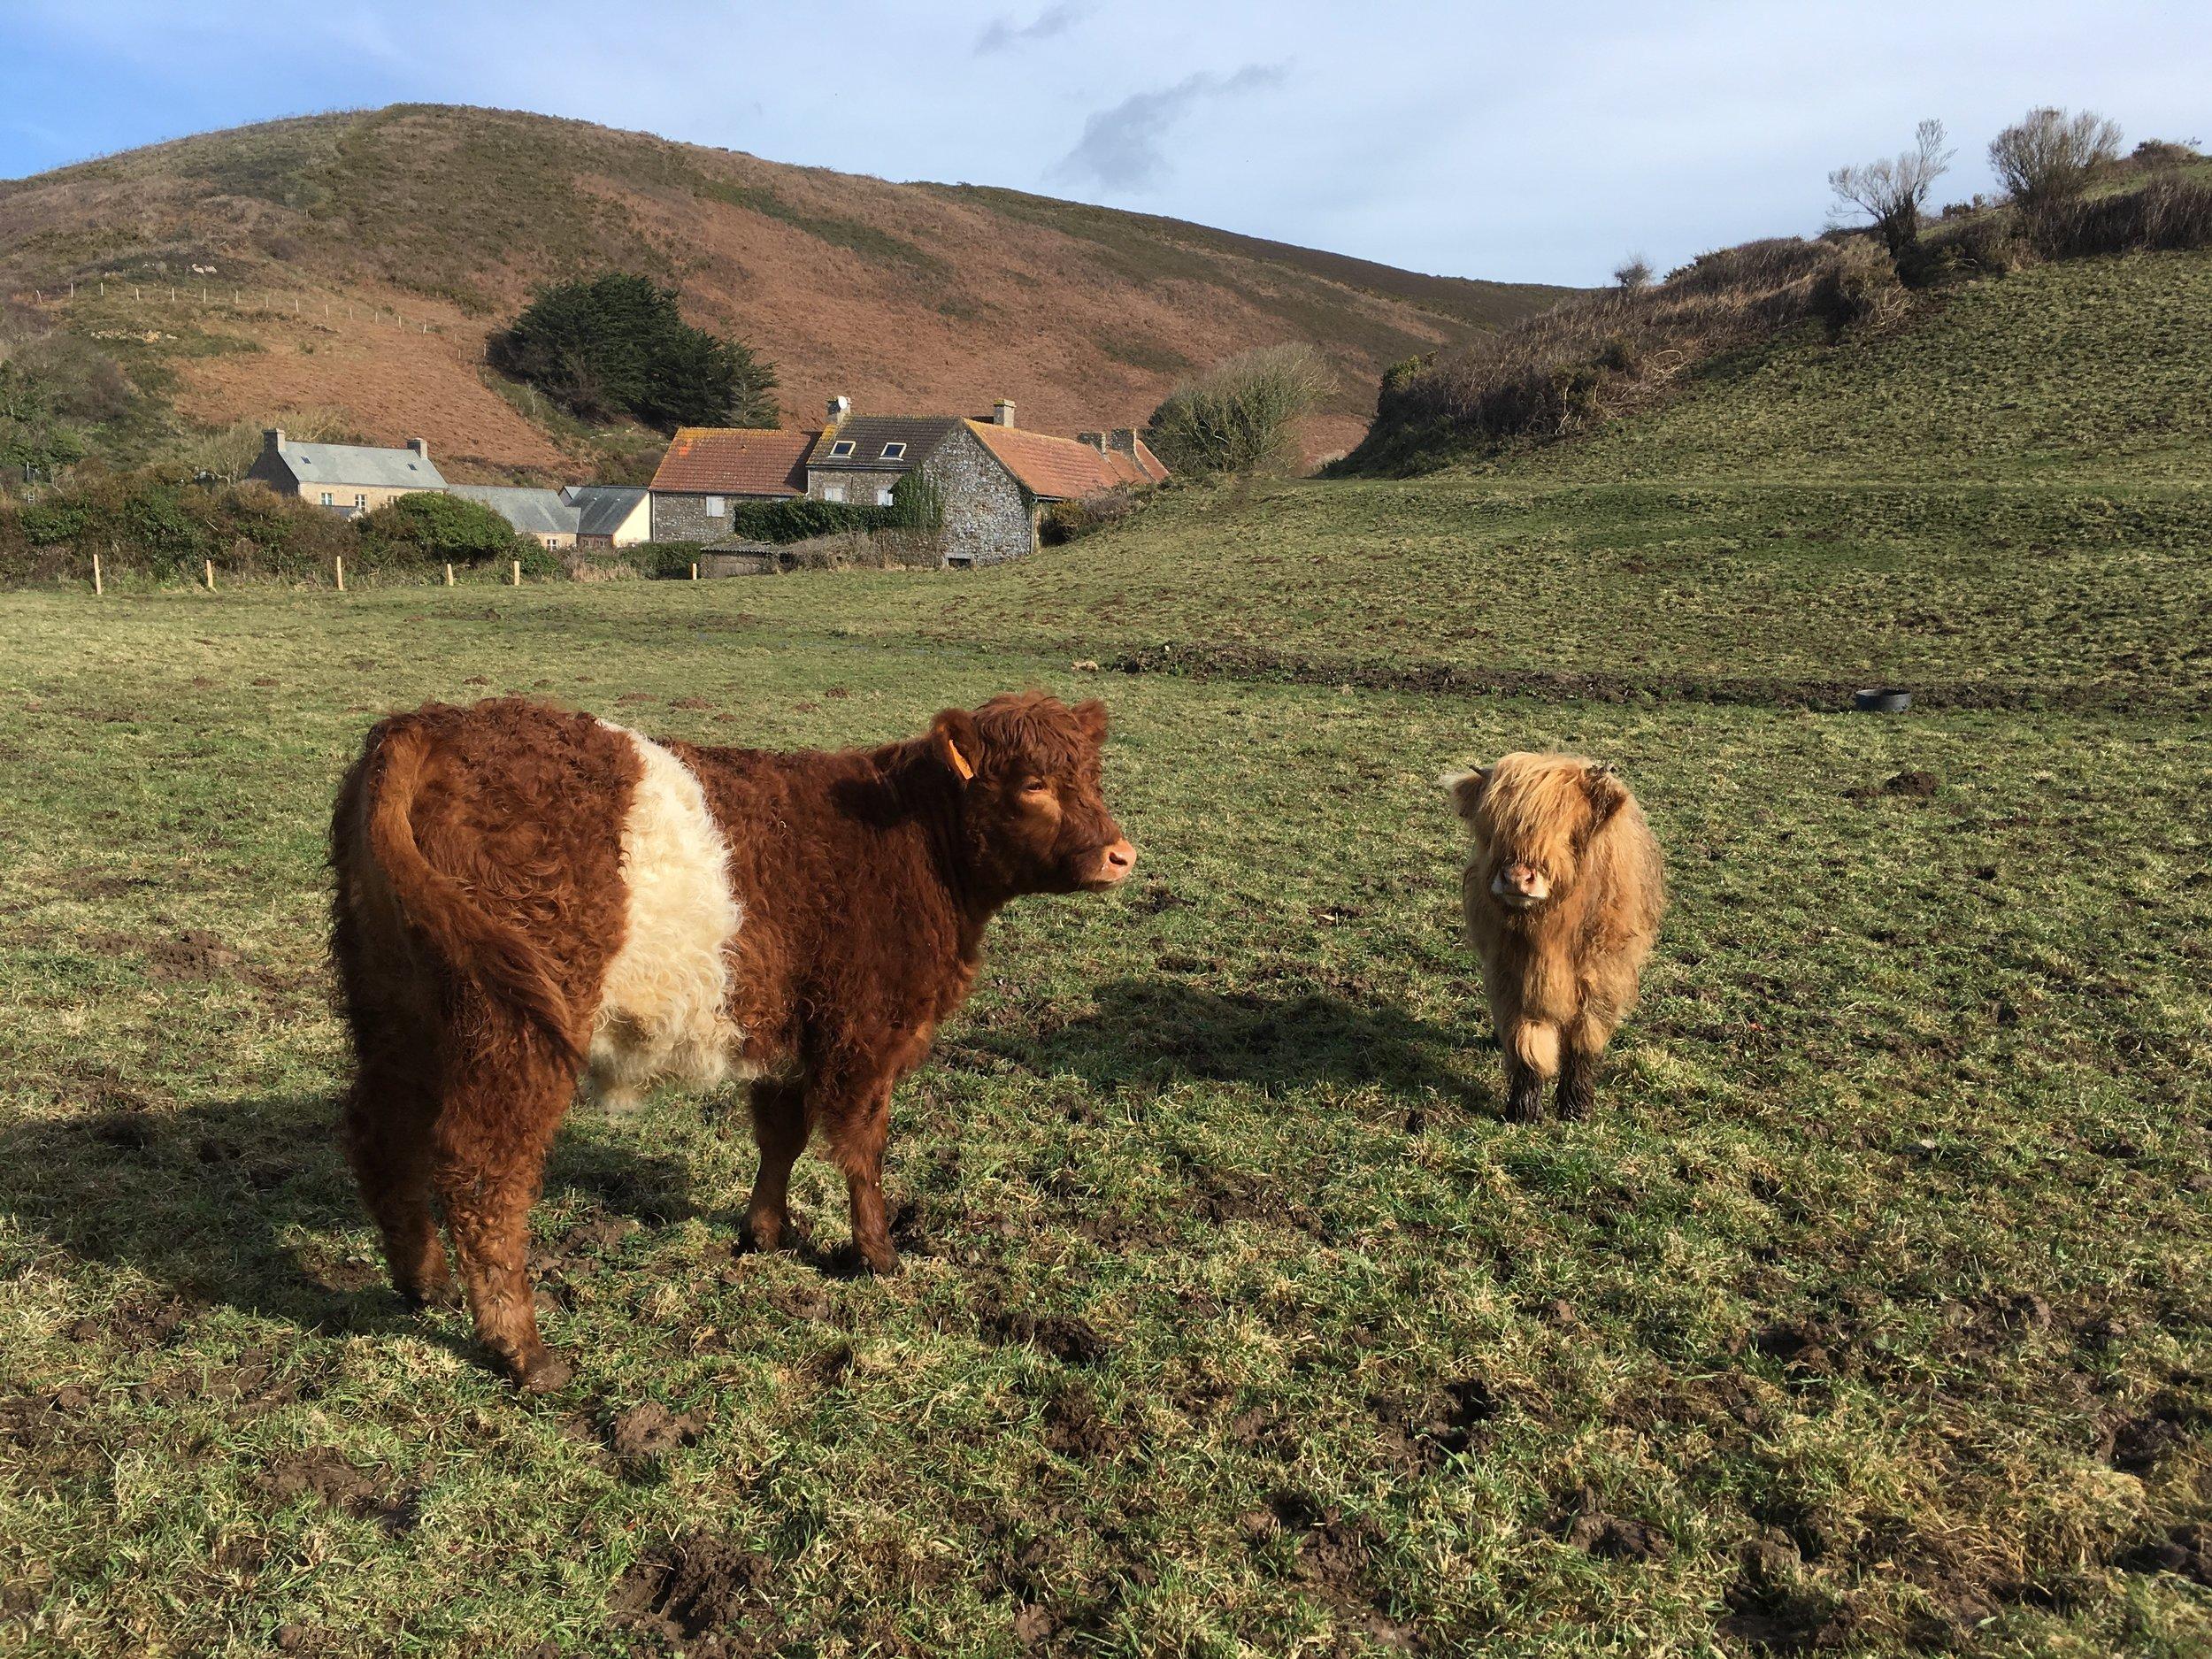 Vache Galloway d'Ecosse et Vache des Highland d'Ecosse 2.jpg